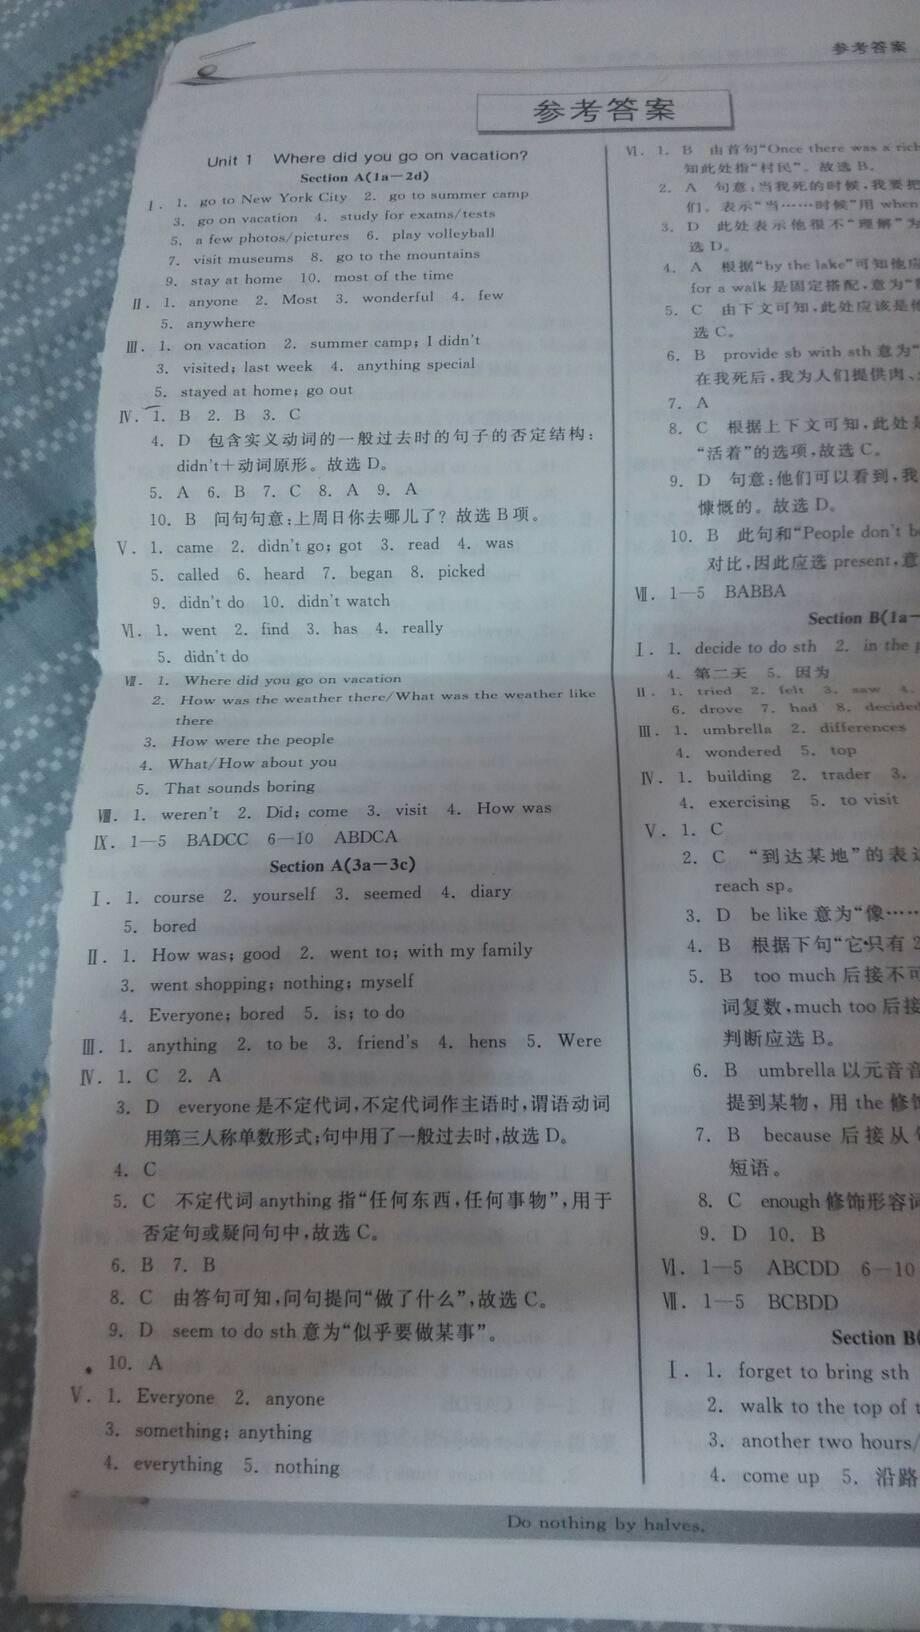 九上数学作业本答案 数学作业本8上 九上数学作业本答案